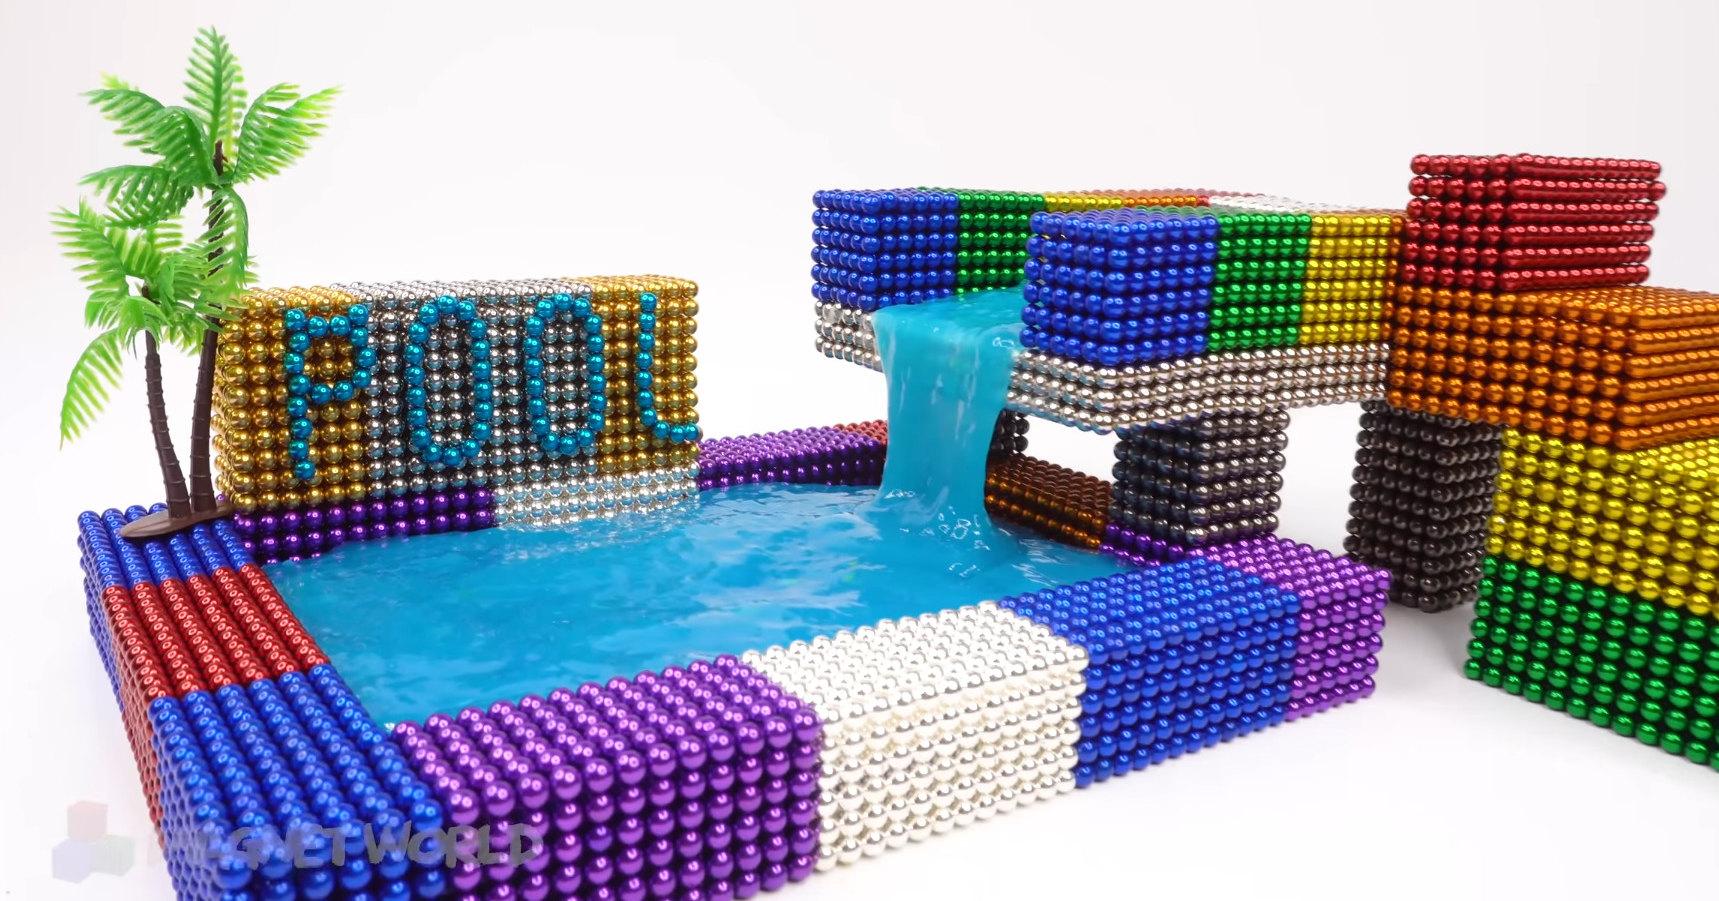 Как сделать двухъярусный комнатный фонтан из магнитов